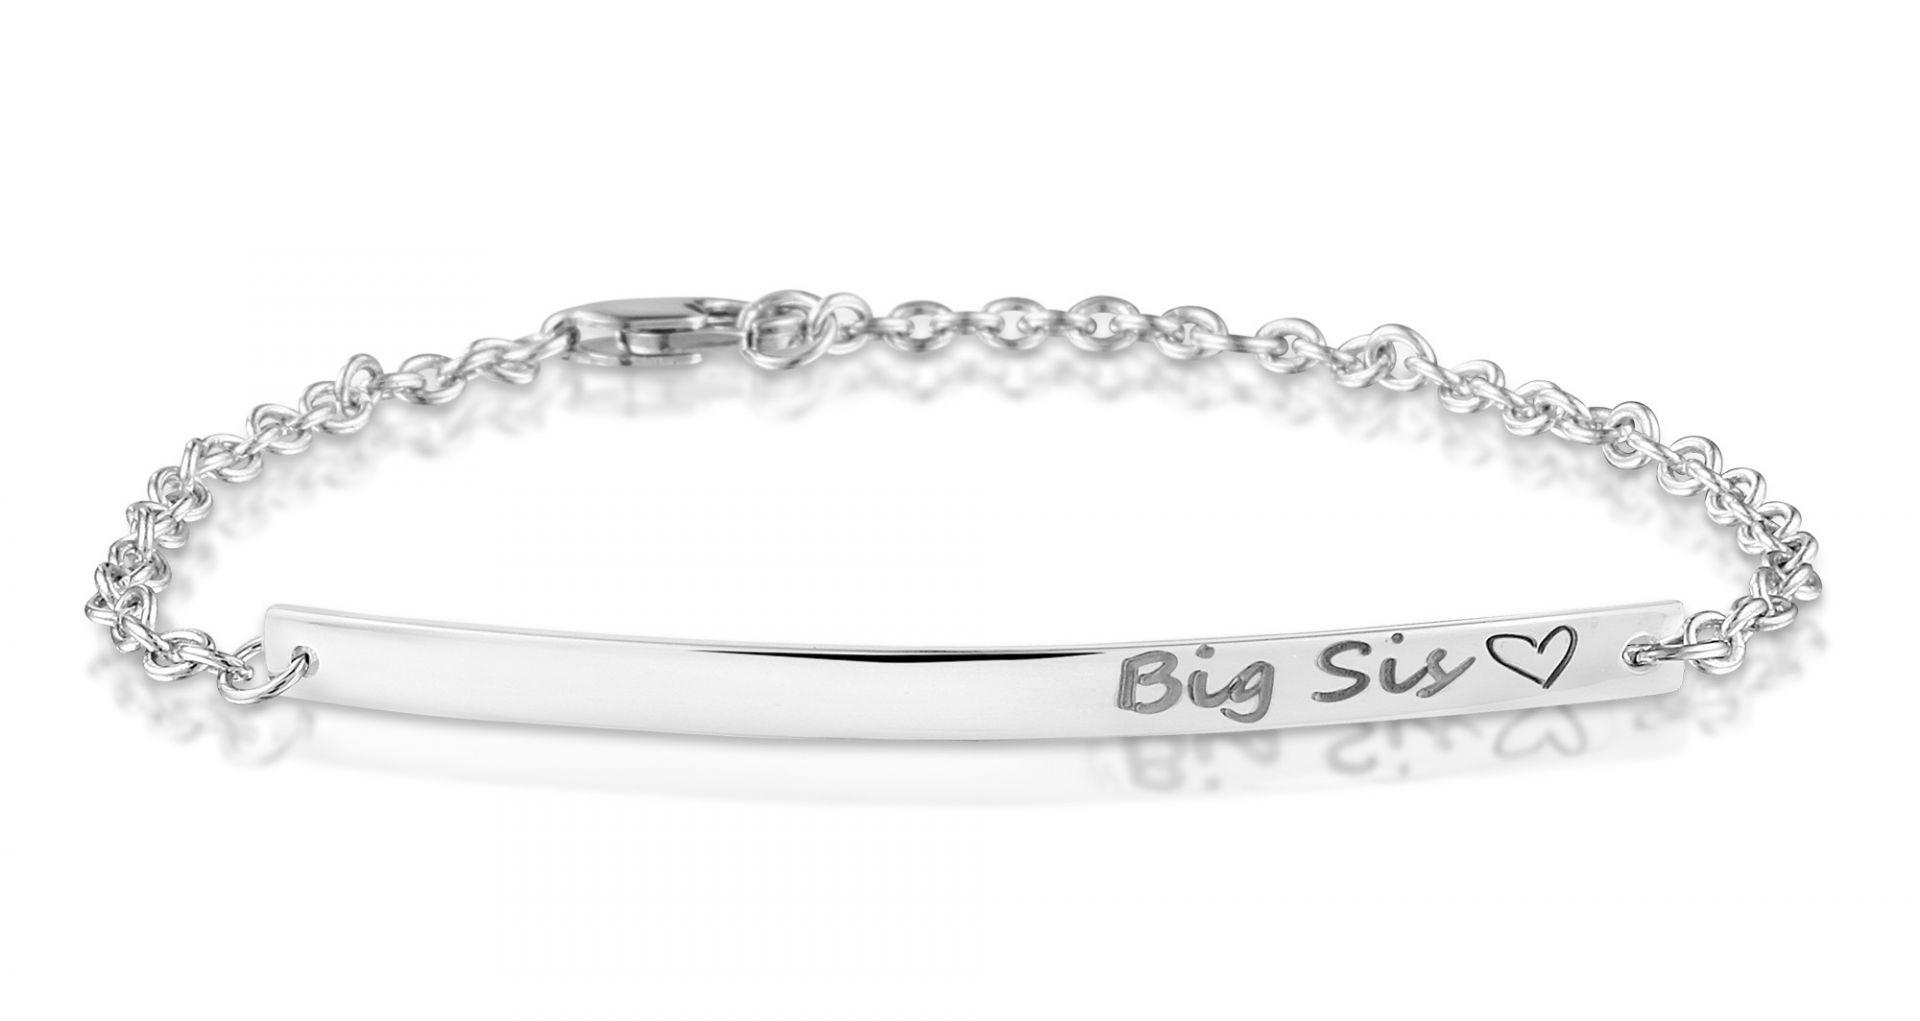 Zilveren bar-armband 419 S/50mm